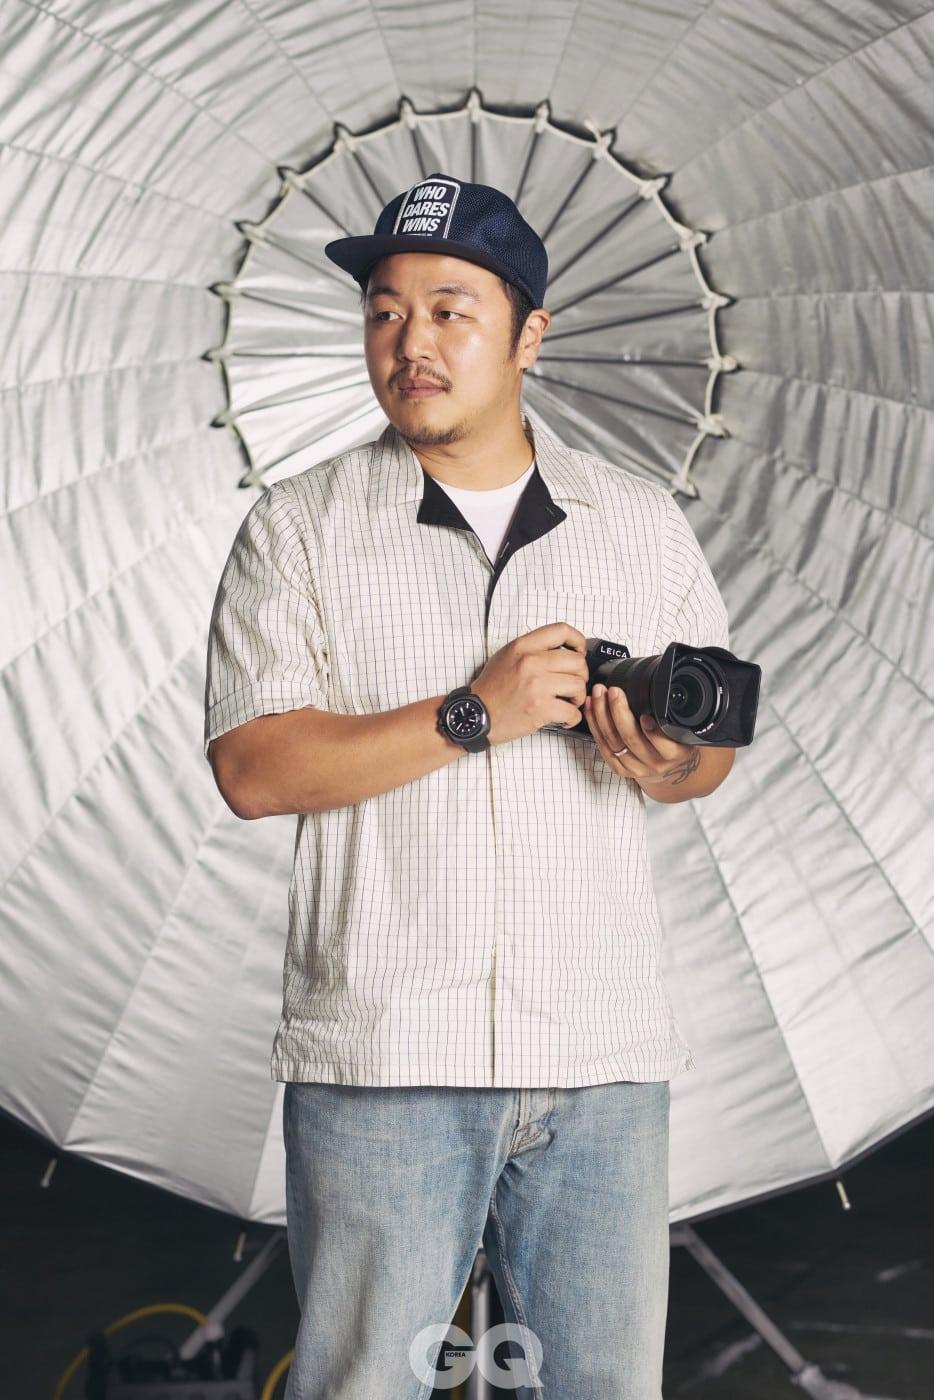 """김영준 """"그의 카메라를 거치지 않았으면 톱스타가 아니다""""라고 해도 결코 과언이 아닐 만큼 뛰어난 실력으로 인정받는 인물 사진가. 유명 패션 매거진의 커버 촬영 포토그래퍼 섭외 1순위이며, 세계적인 하이엔드 카메라 브랜드 라이카와 협업해 전시를 진행하기도 했다."""